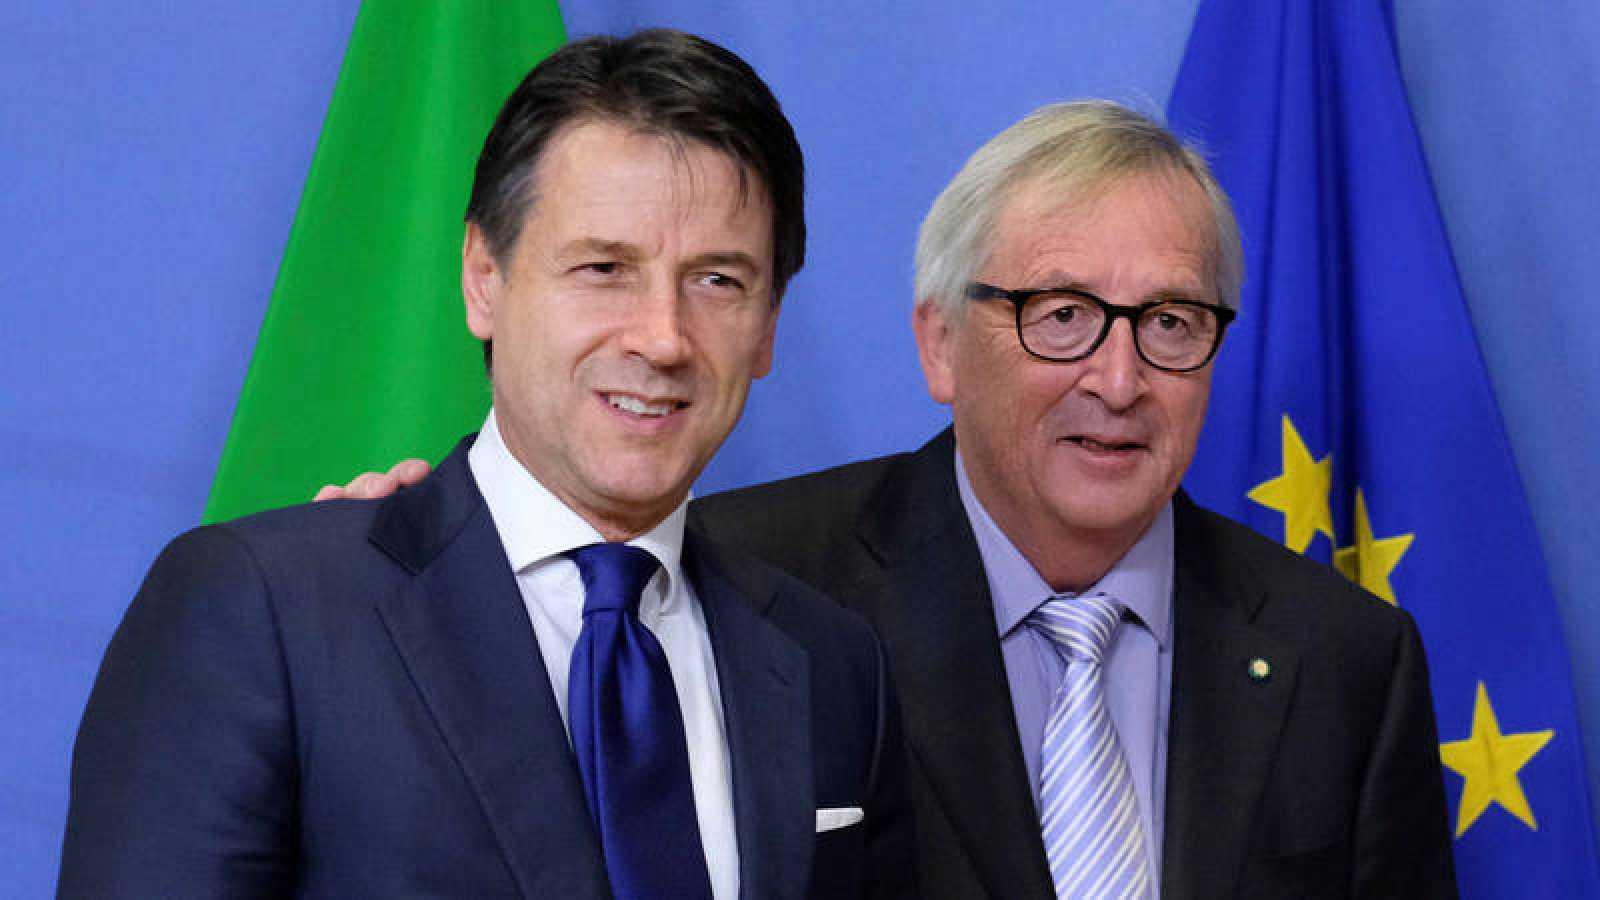 El presidente de la Comisión Europea, Jean-Claude Juncker, recibe al primer ministro italiano, Giuseppe Conte, antes de su reunión en Bruselas